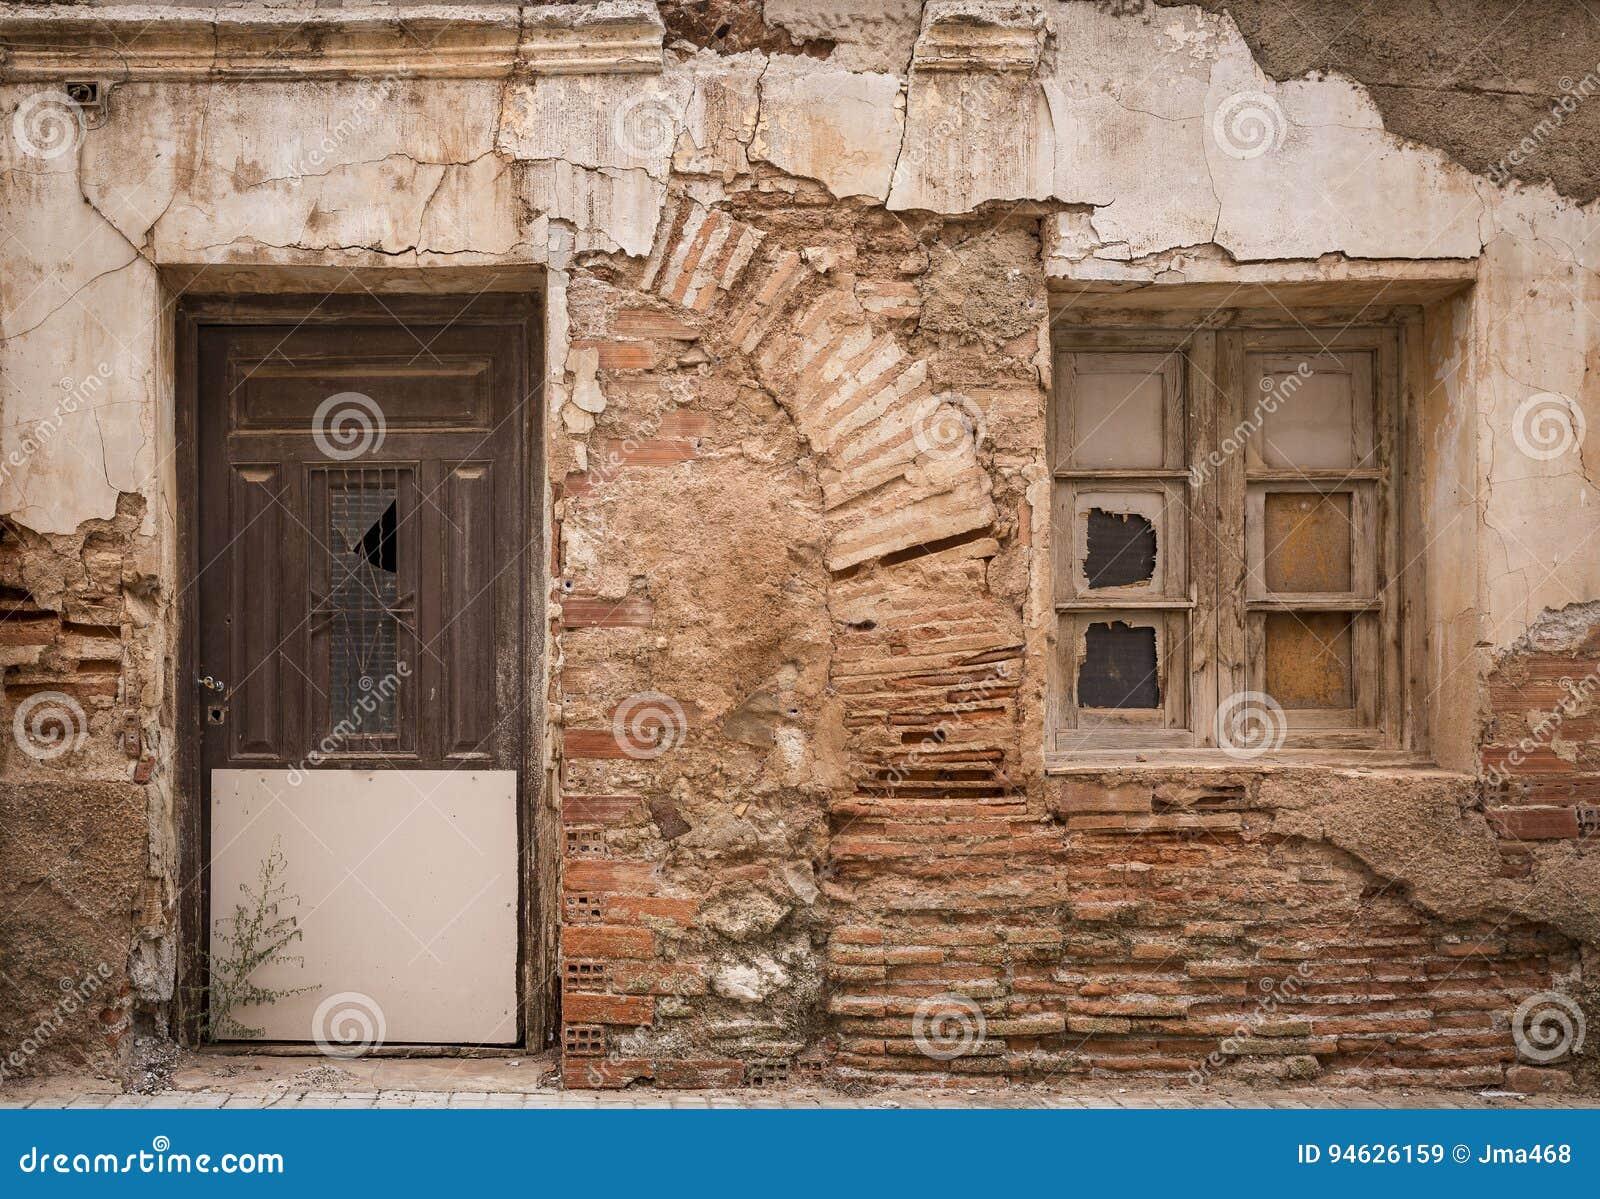 Restaurar ventanas de madera antiguas good restaurar for Como restaurar puertas de madera antiguas